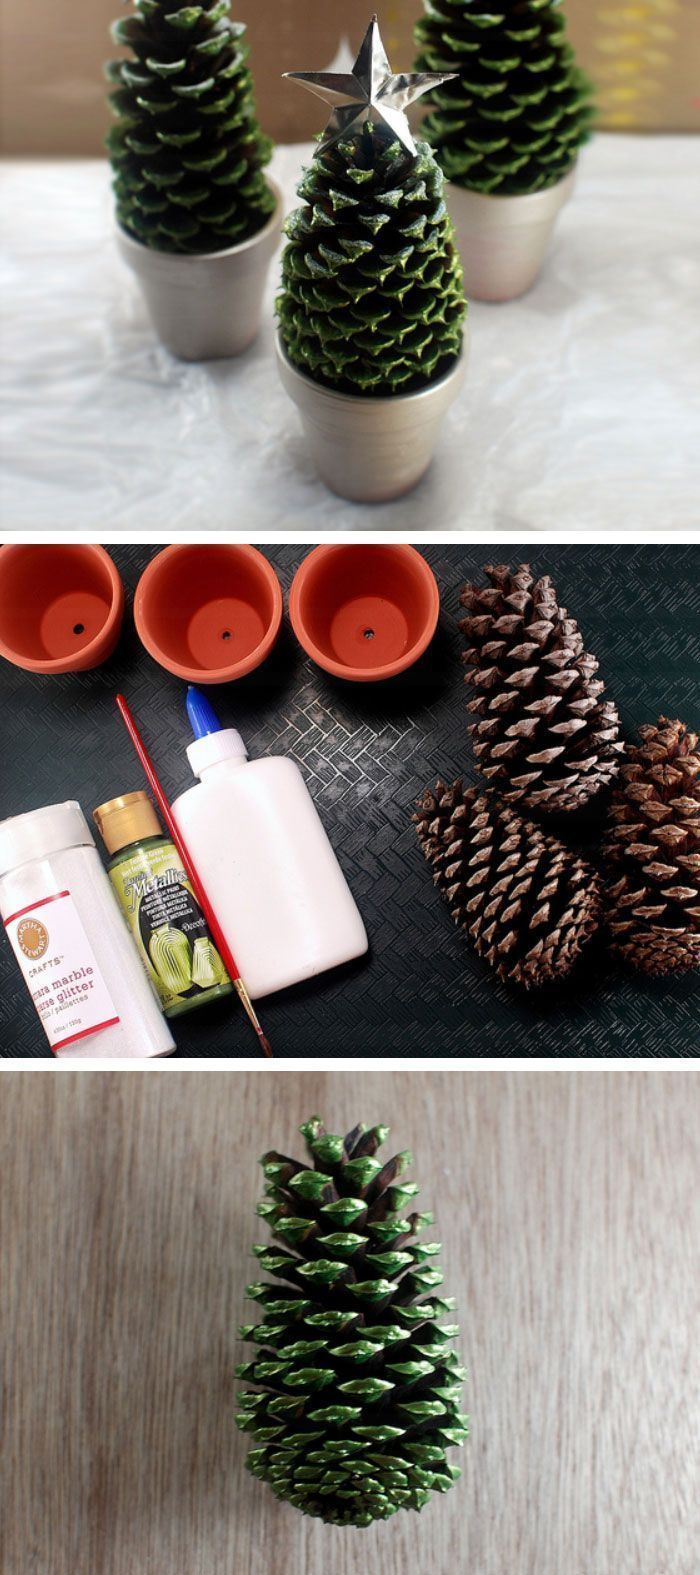 schöne 22 Budget Weihnachtsdekor-Ideen für das Zuhause von www.best100-homed